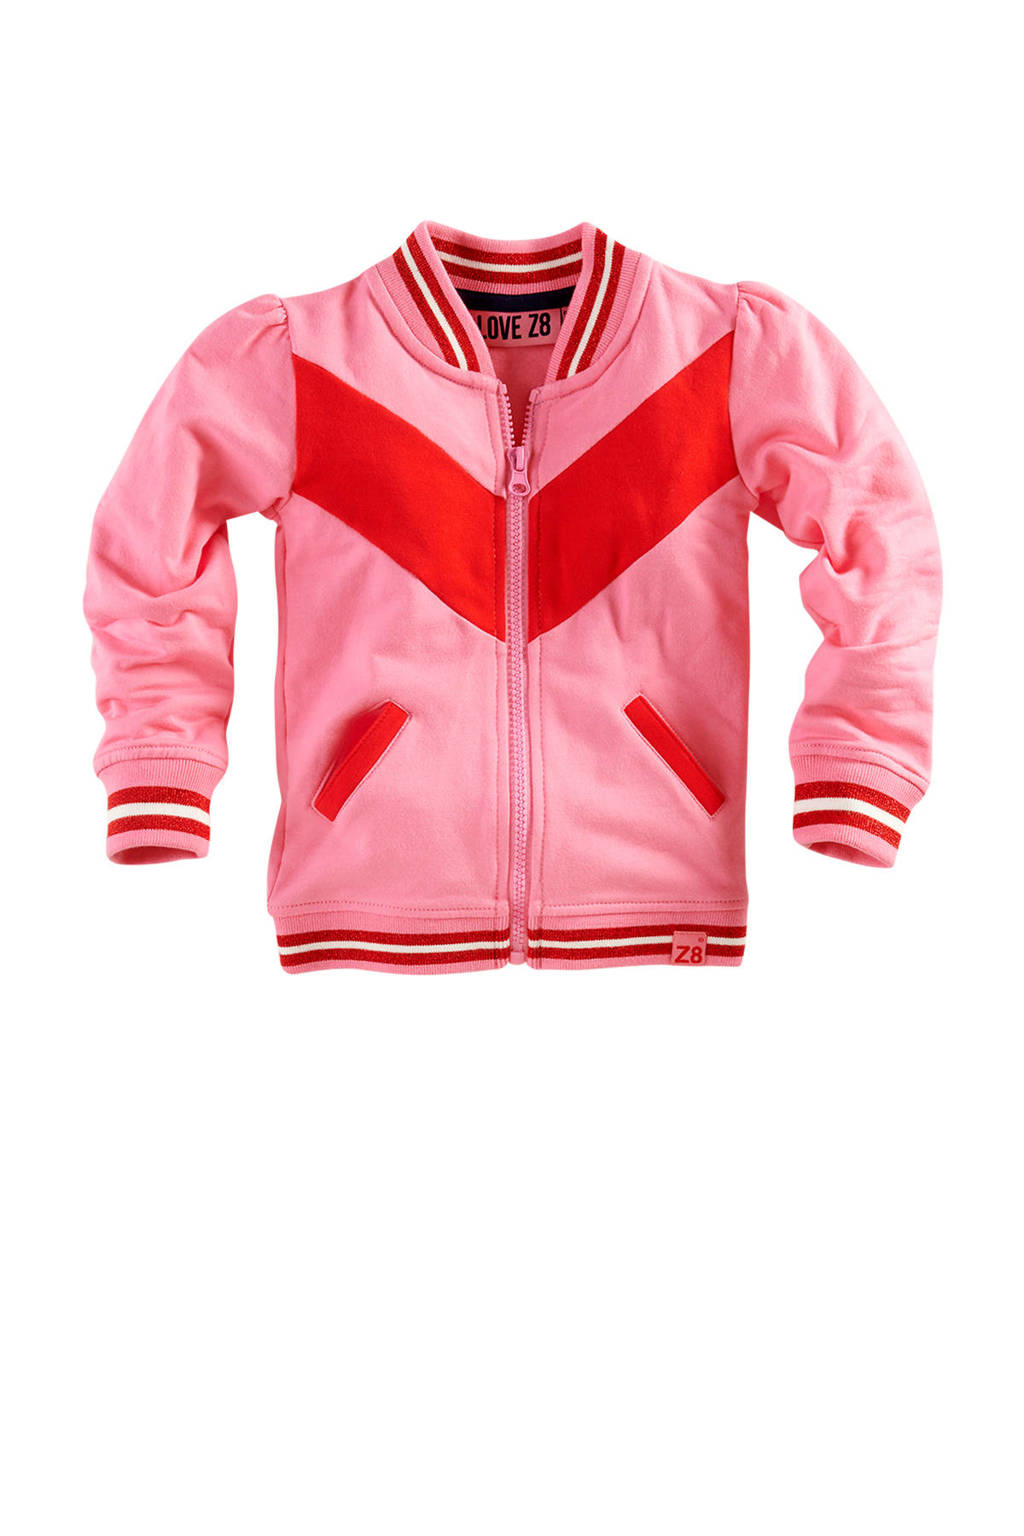 Z8 bombervest Melissa roze, Roze/rood/wit